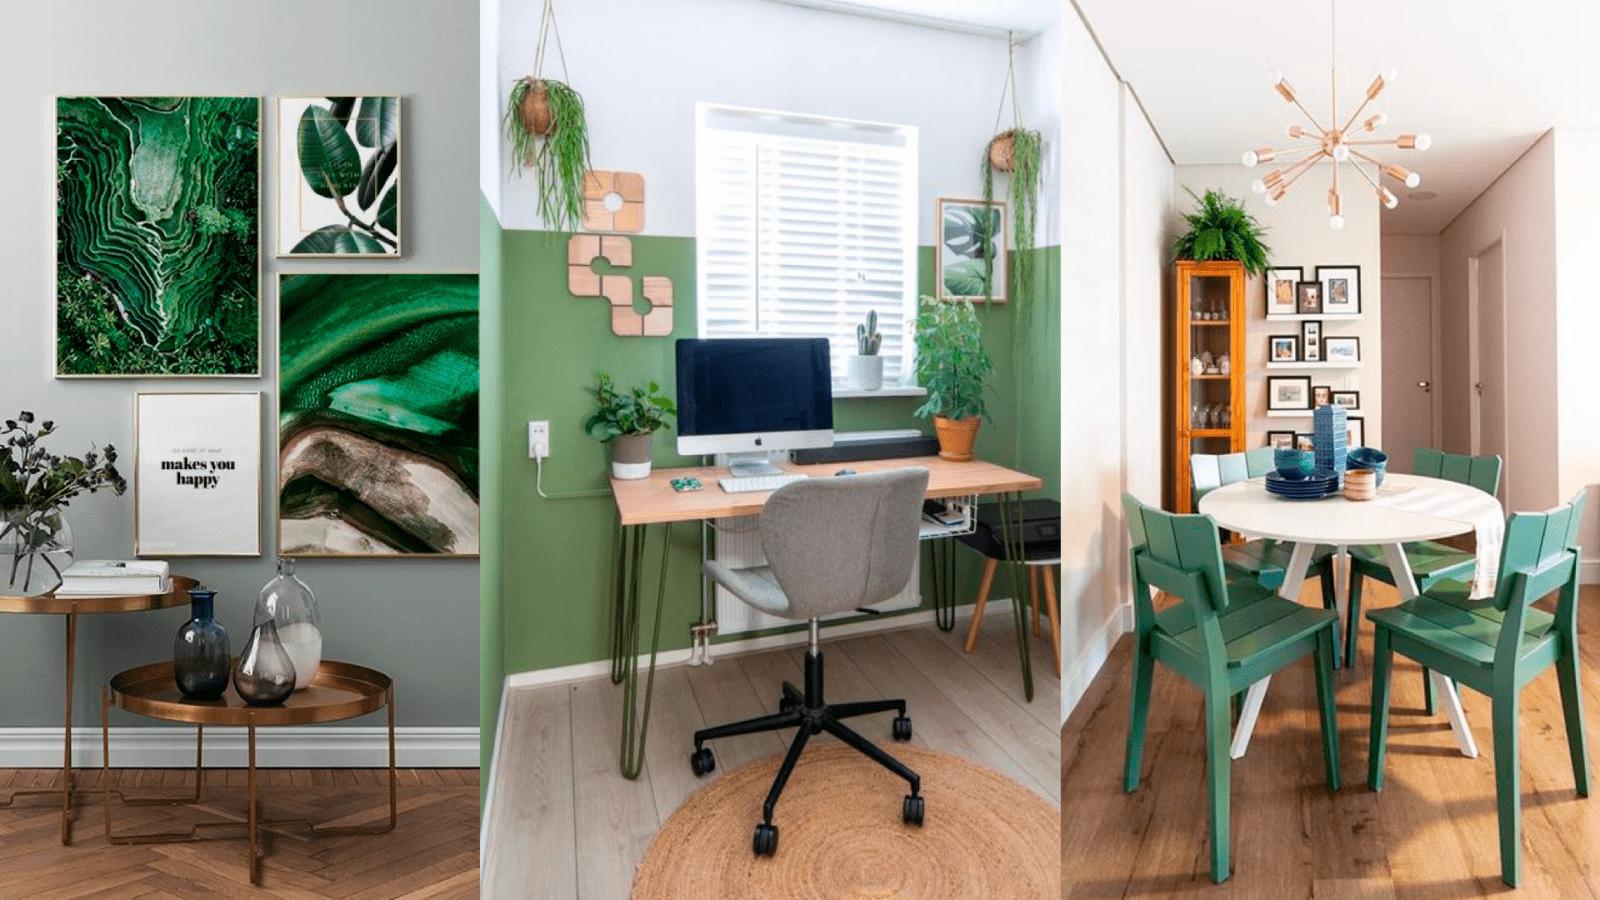 casa com decoracao em verde